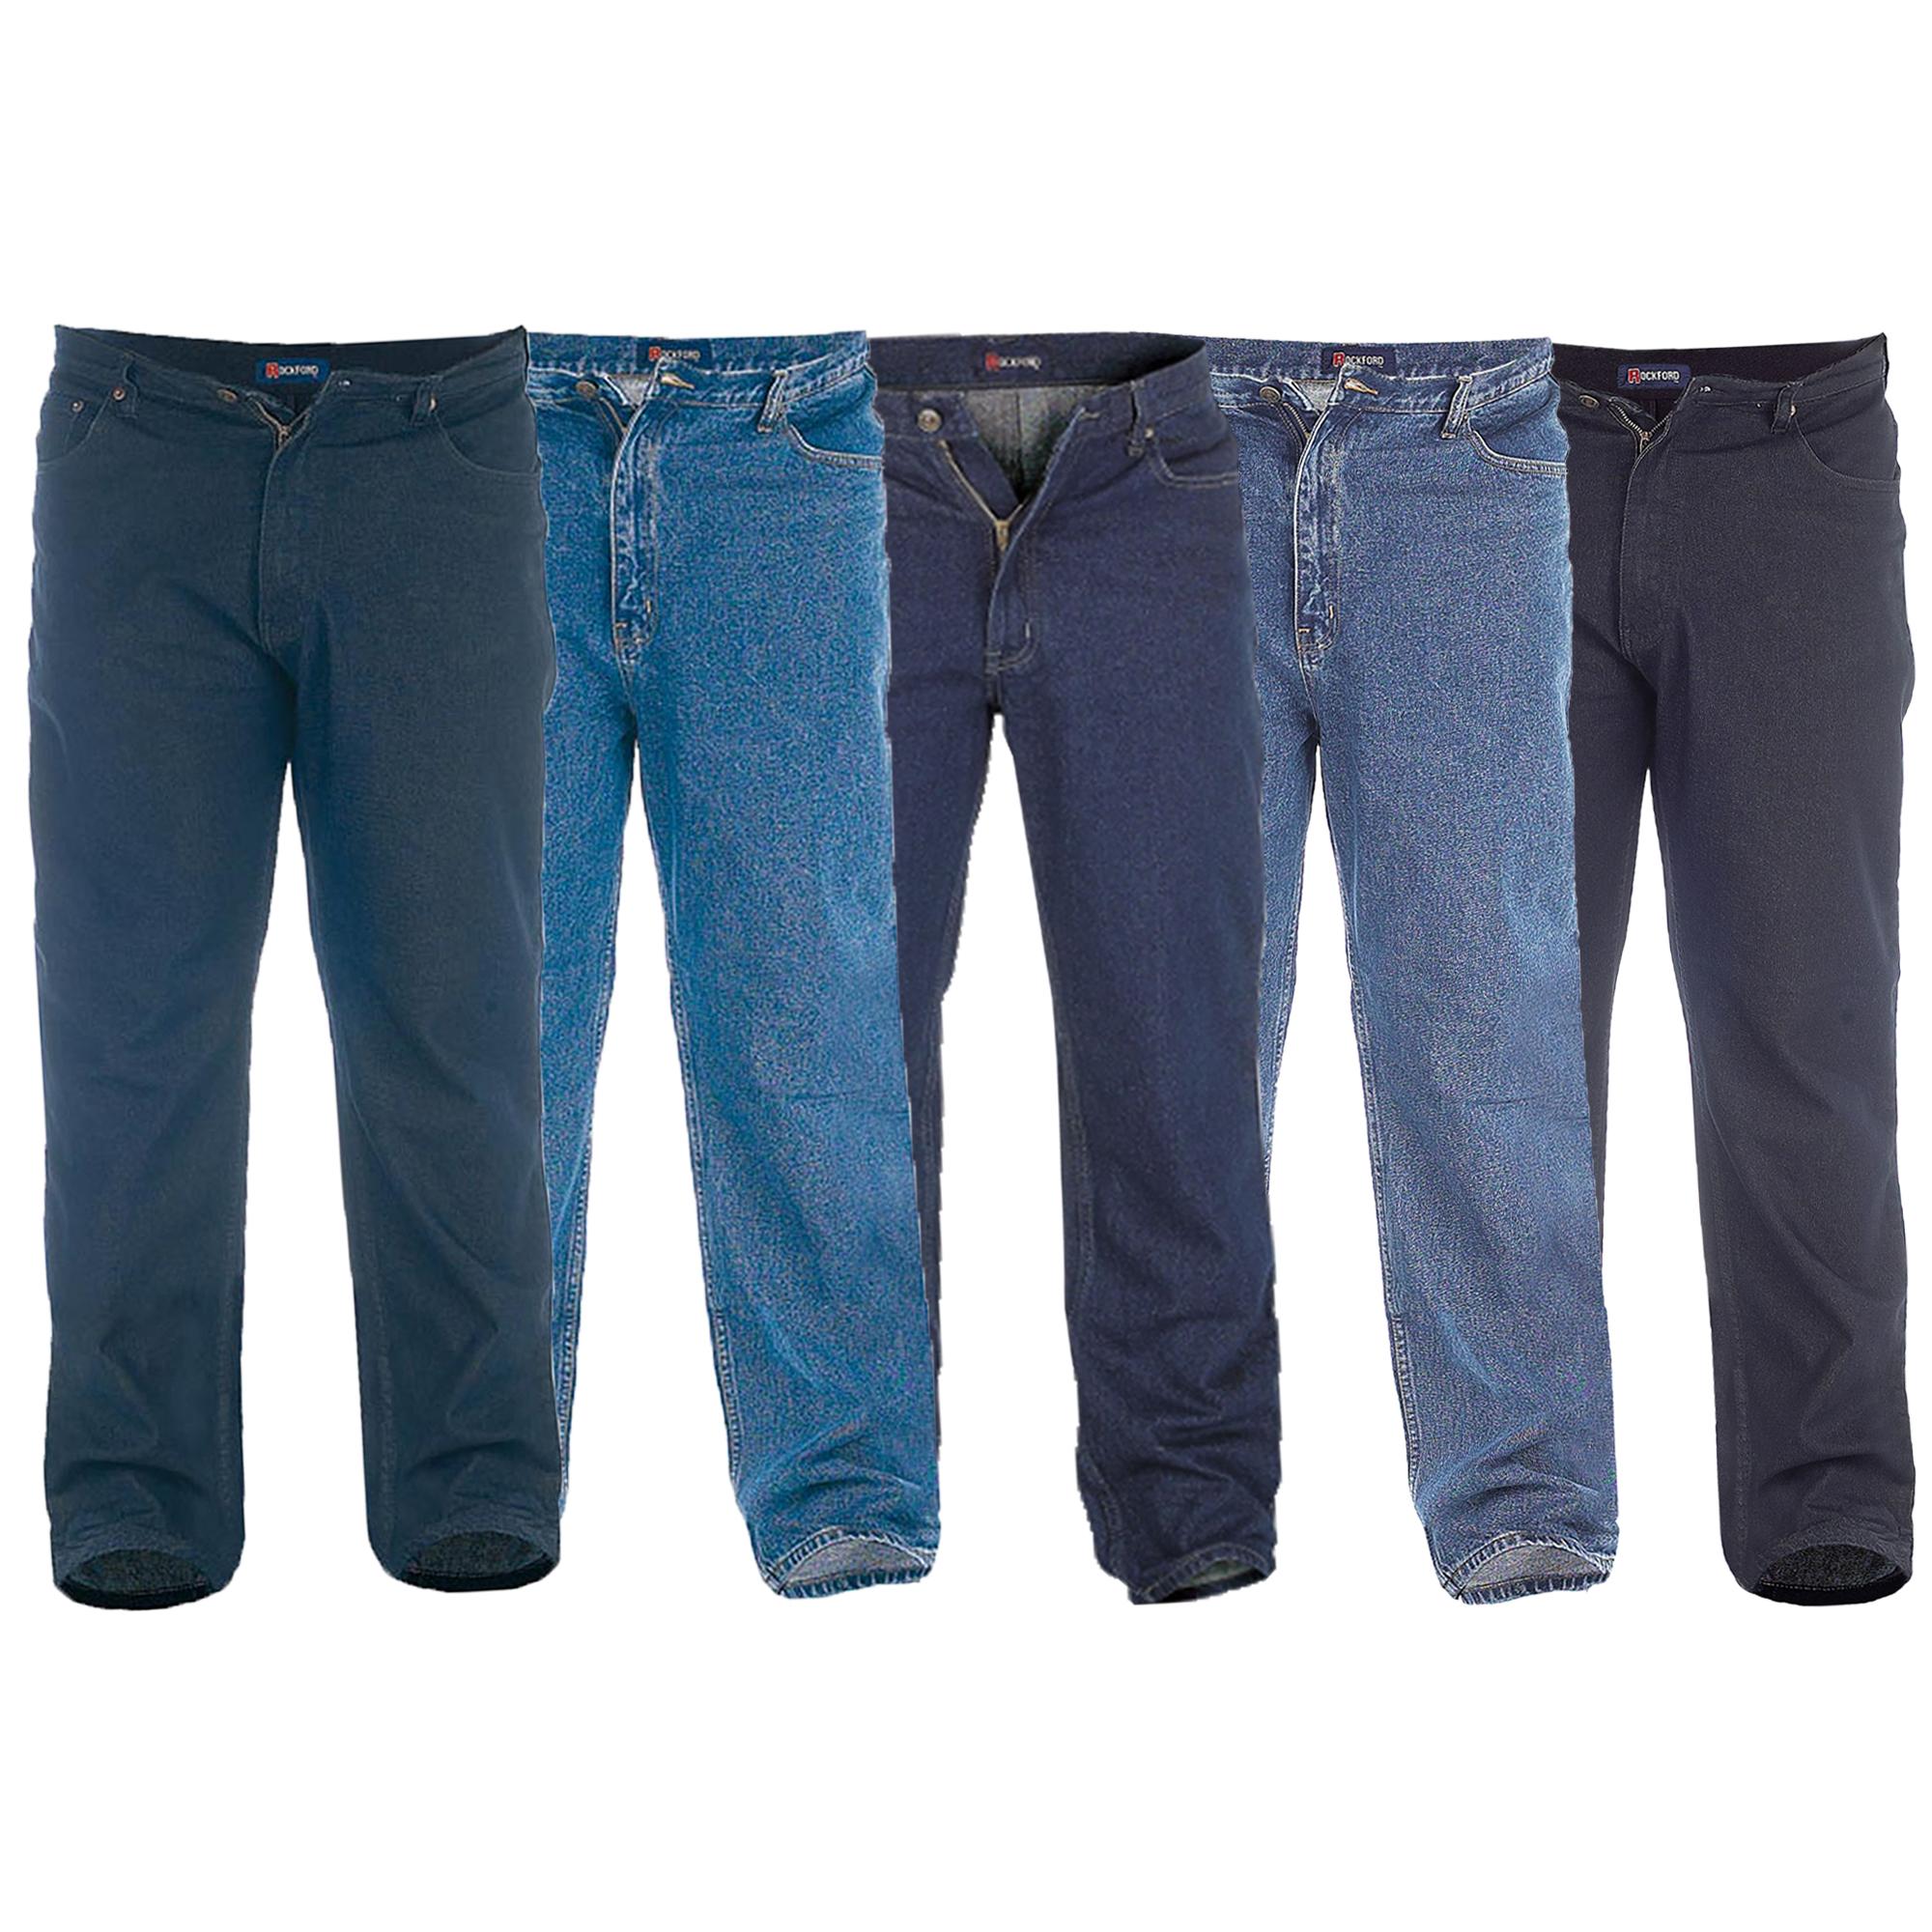 Rockford Jeans Mens Big /& Tall Denim Jeans Straight Fit Big Kingsize RJ510 60